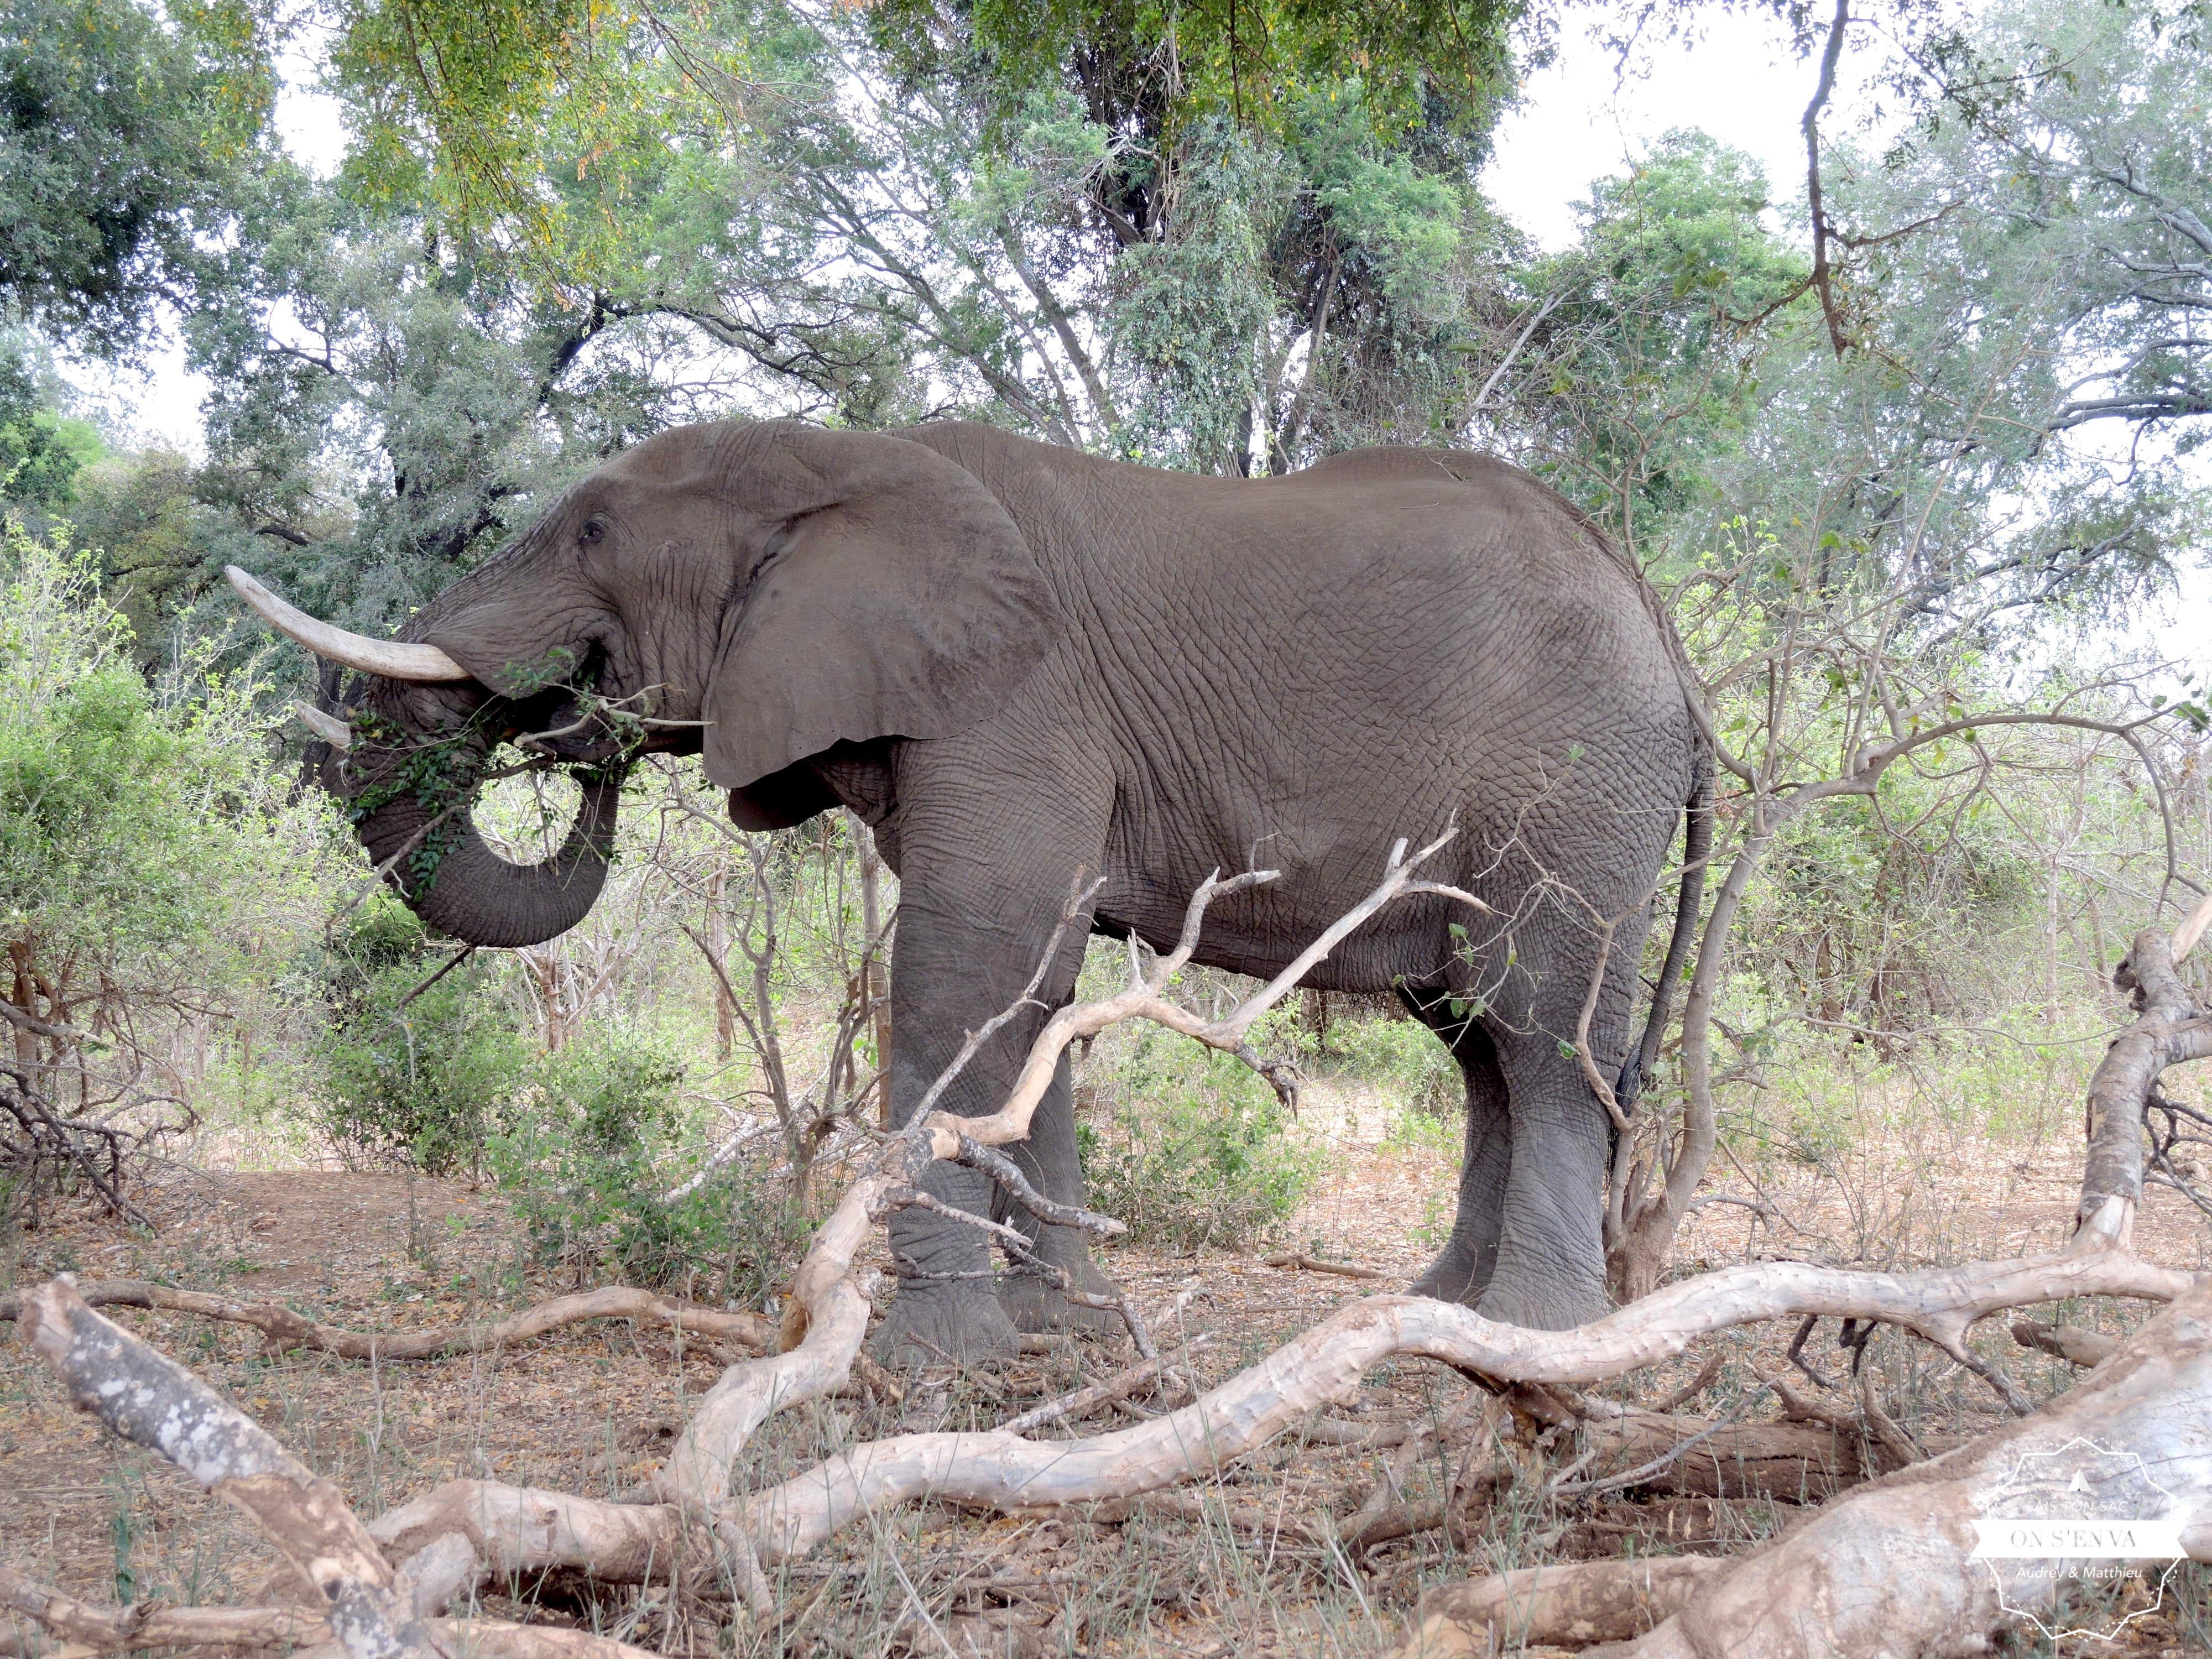 Accueillis par un éléphant